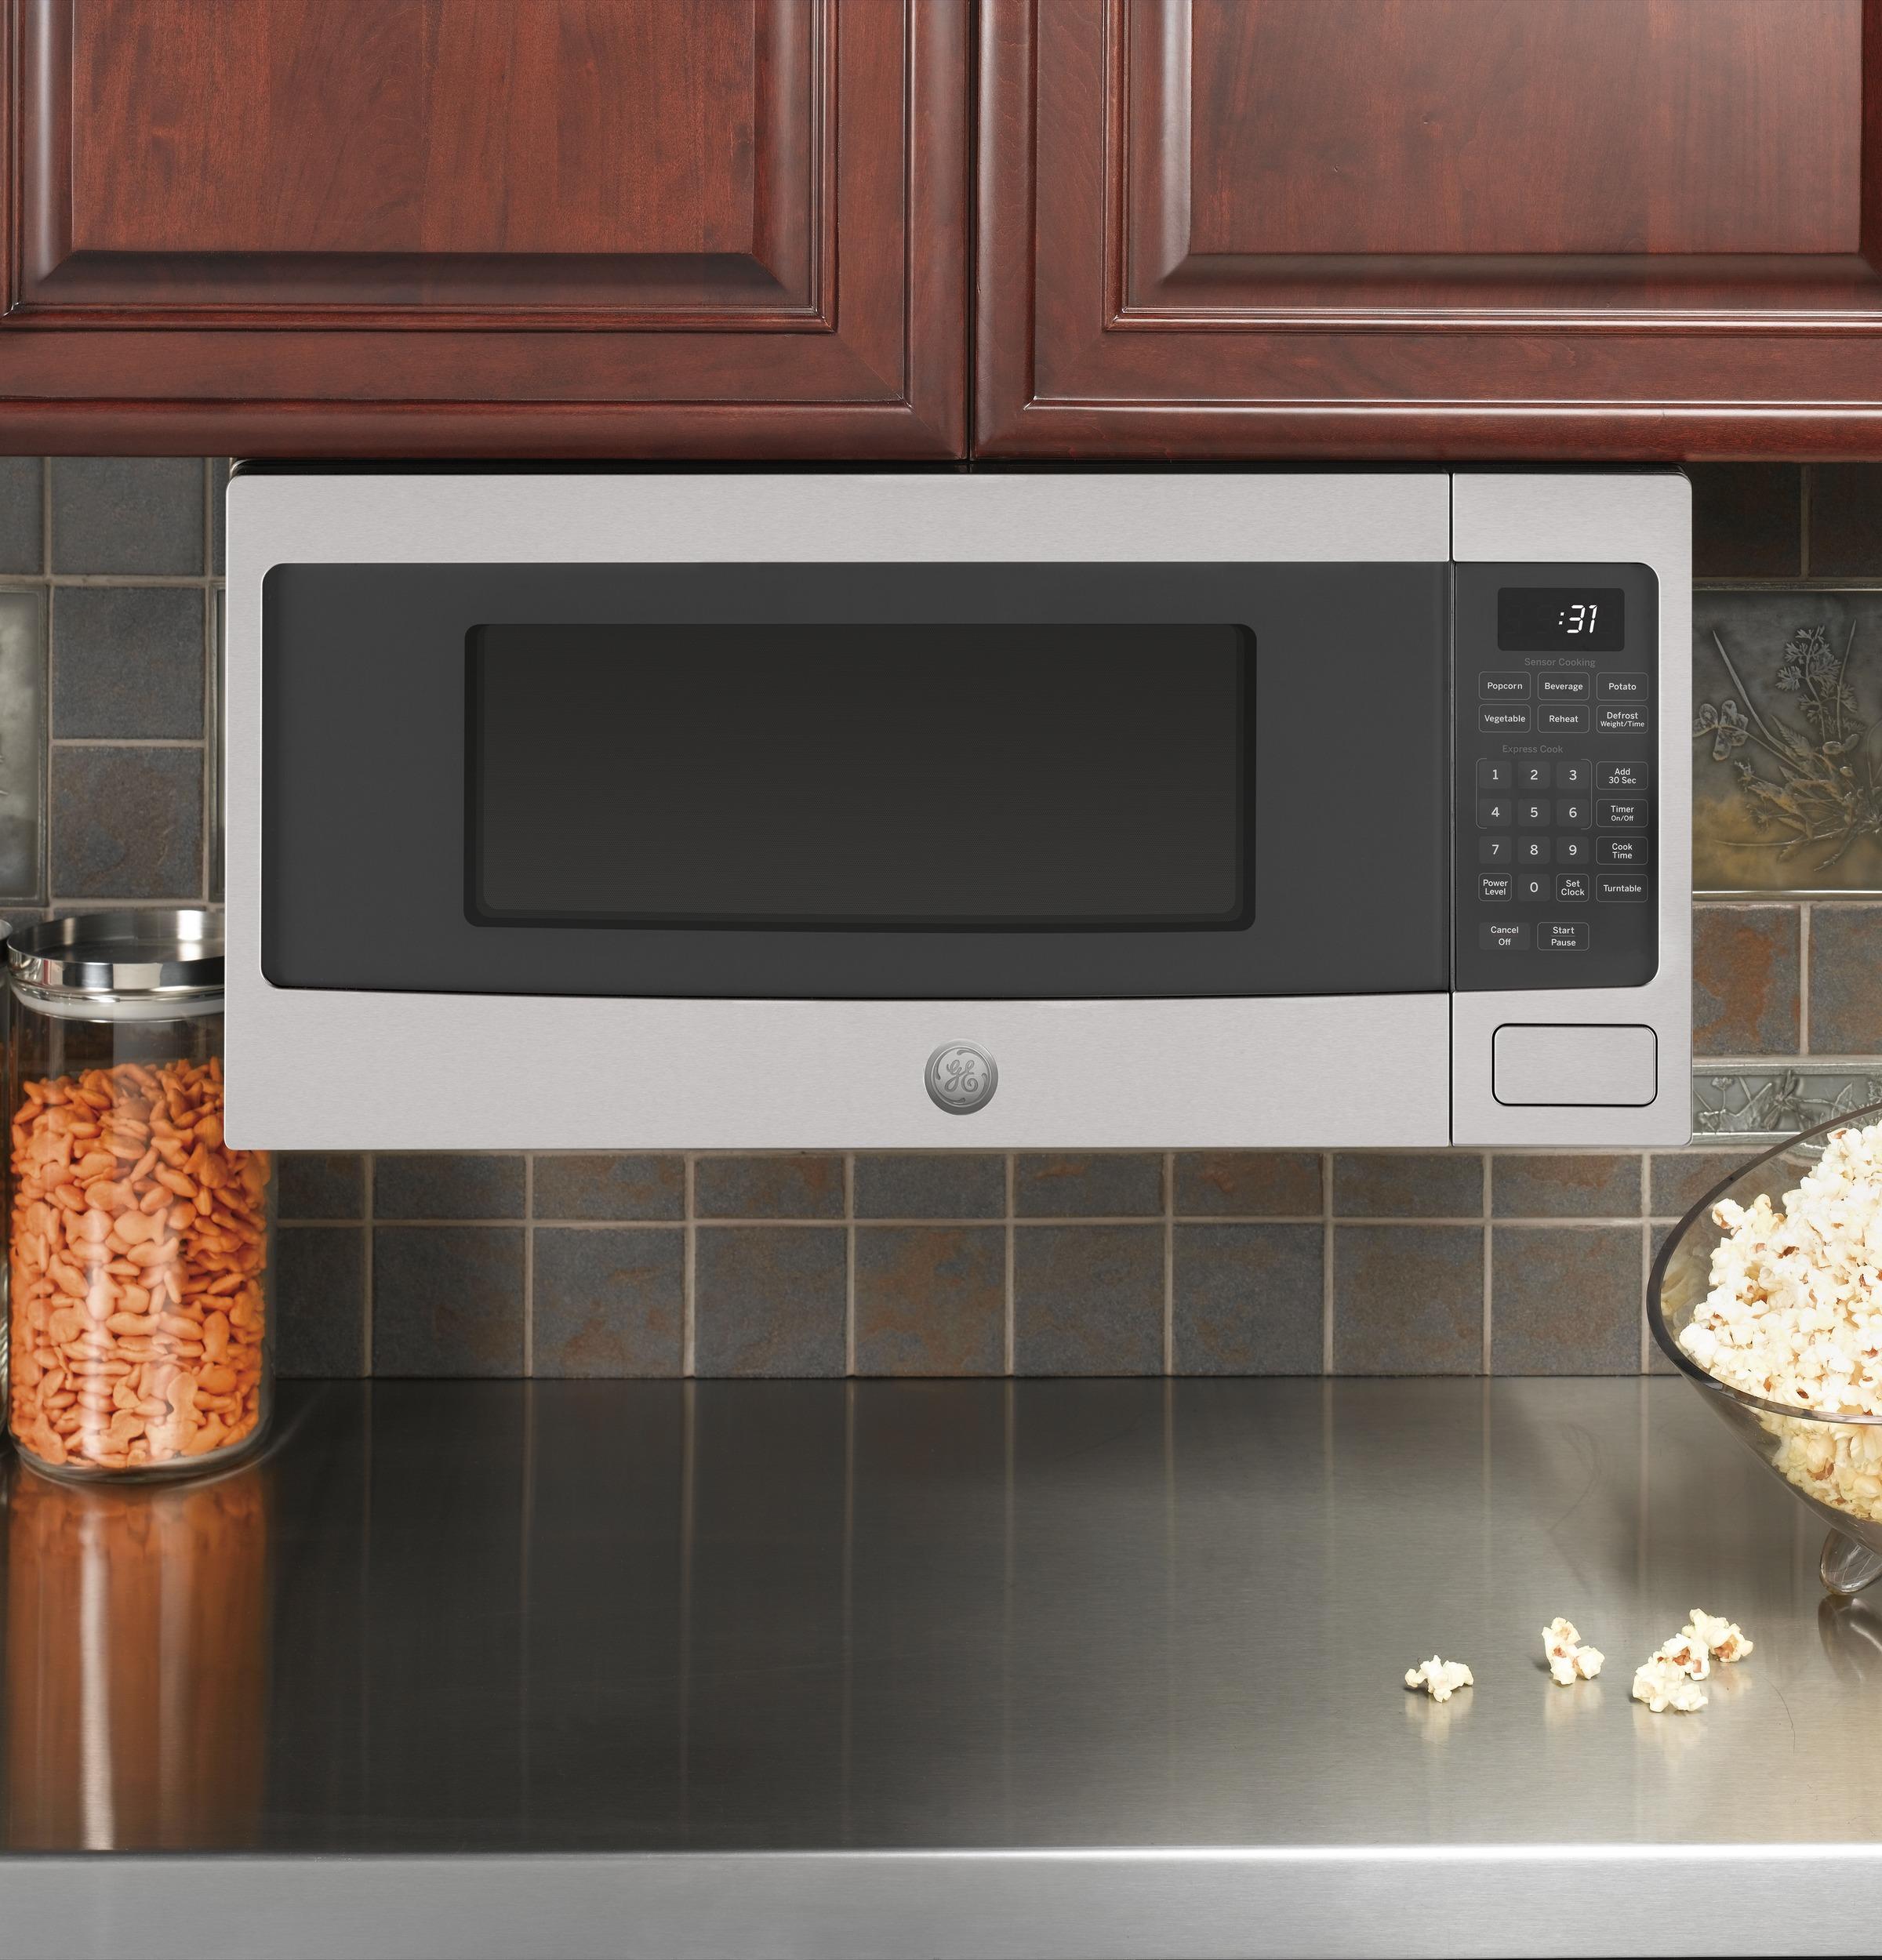 https www bestbuy com site ge profile series 1 1 cu ft mid size microwave stainless steel 2557267 p skuid 2557267